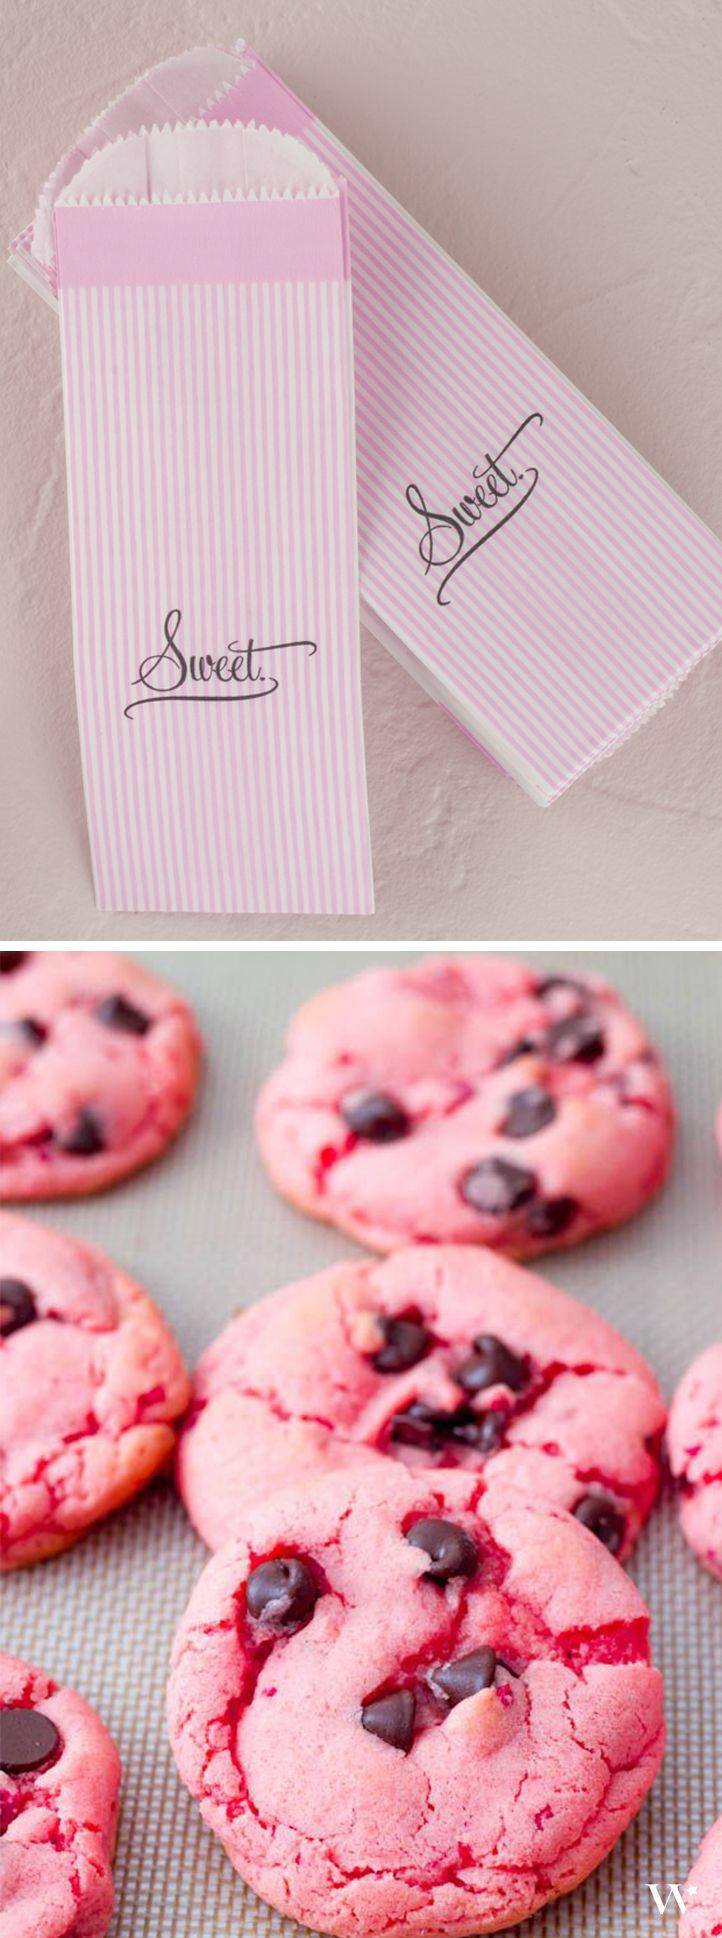 Sweet Printed Paper Goodie Bag   Goodie bags, Cookie recipes and ...